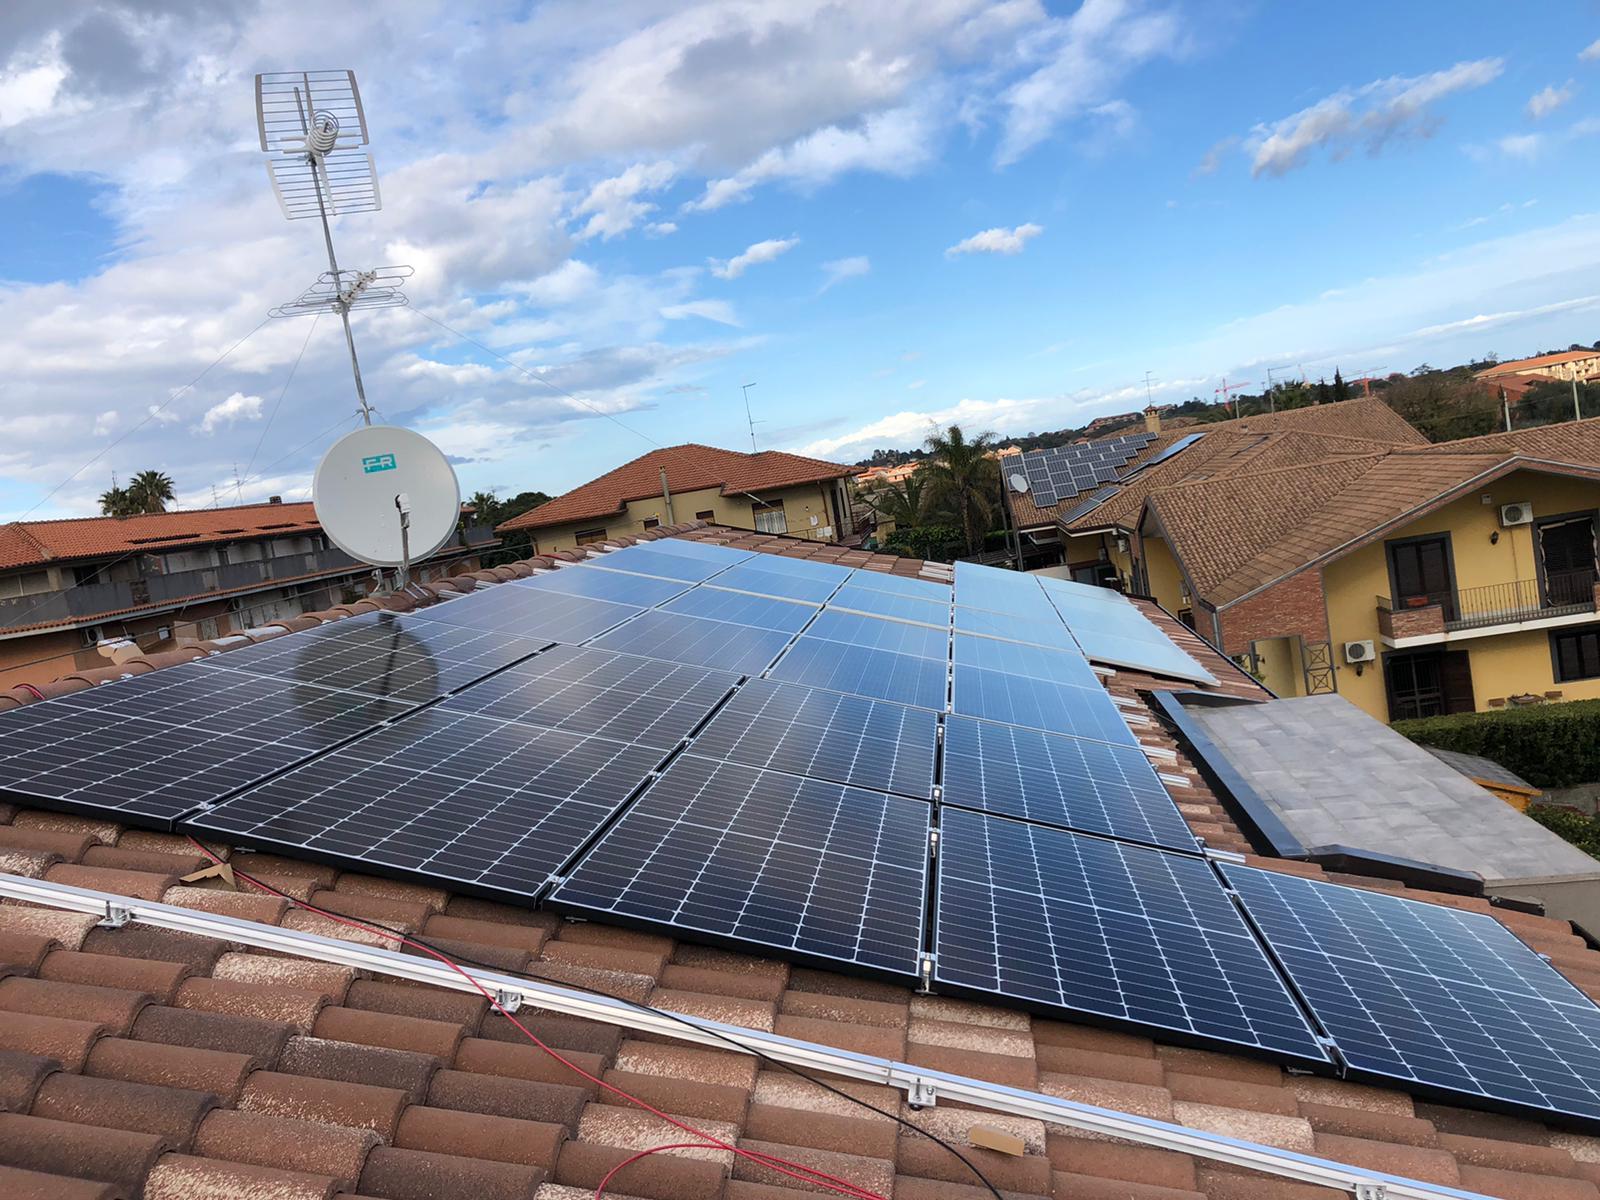 impianto fotovoltaico completa